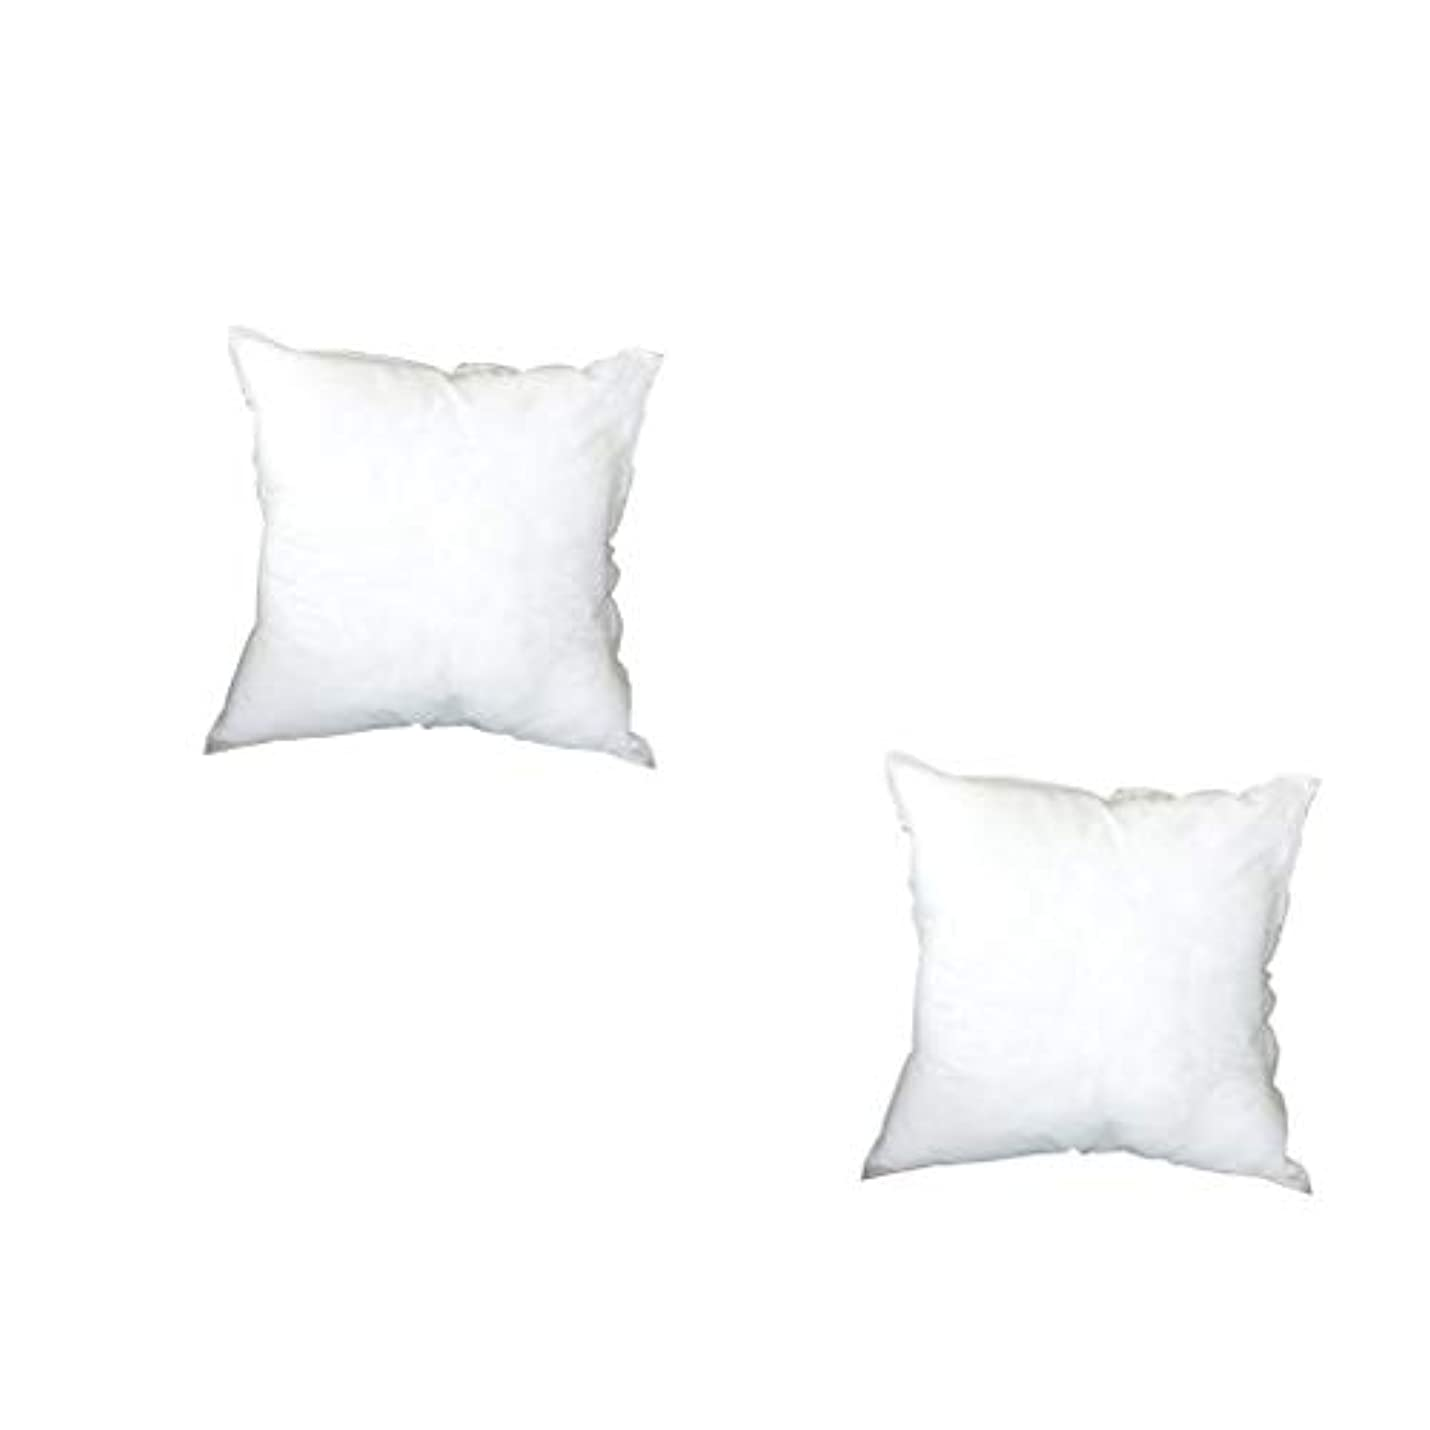 ロシア説教する超越するLIFE 寝具正方形 PP 綿枕インテリア家の装飾白 45 × 45 車のソファチェアクッション coussin decoratif 新 クッション 椅子